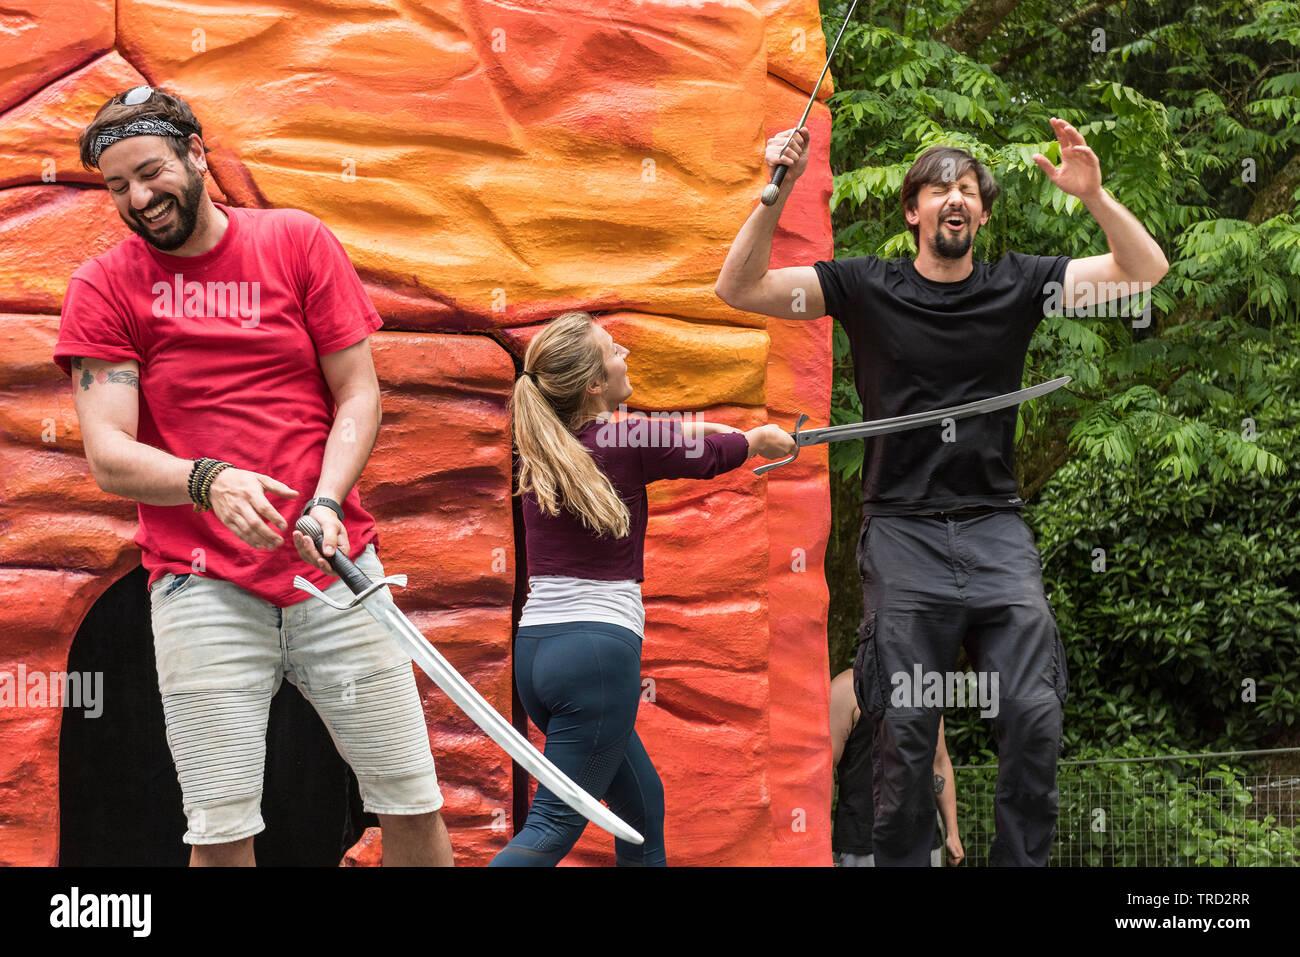 Schauspieler Proben eine Kampfszene für ein Theater Produktion. Stockbild